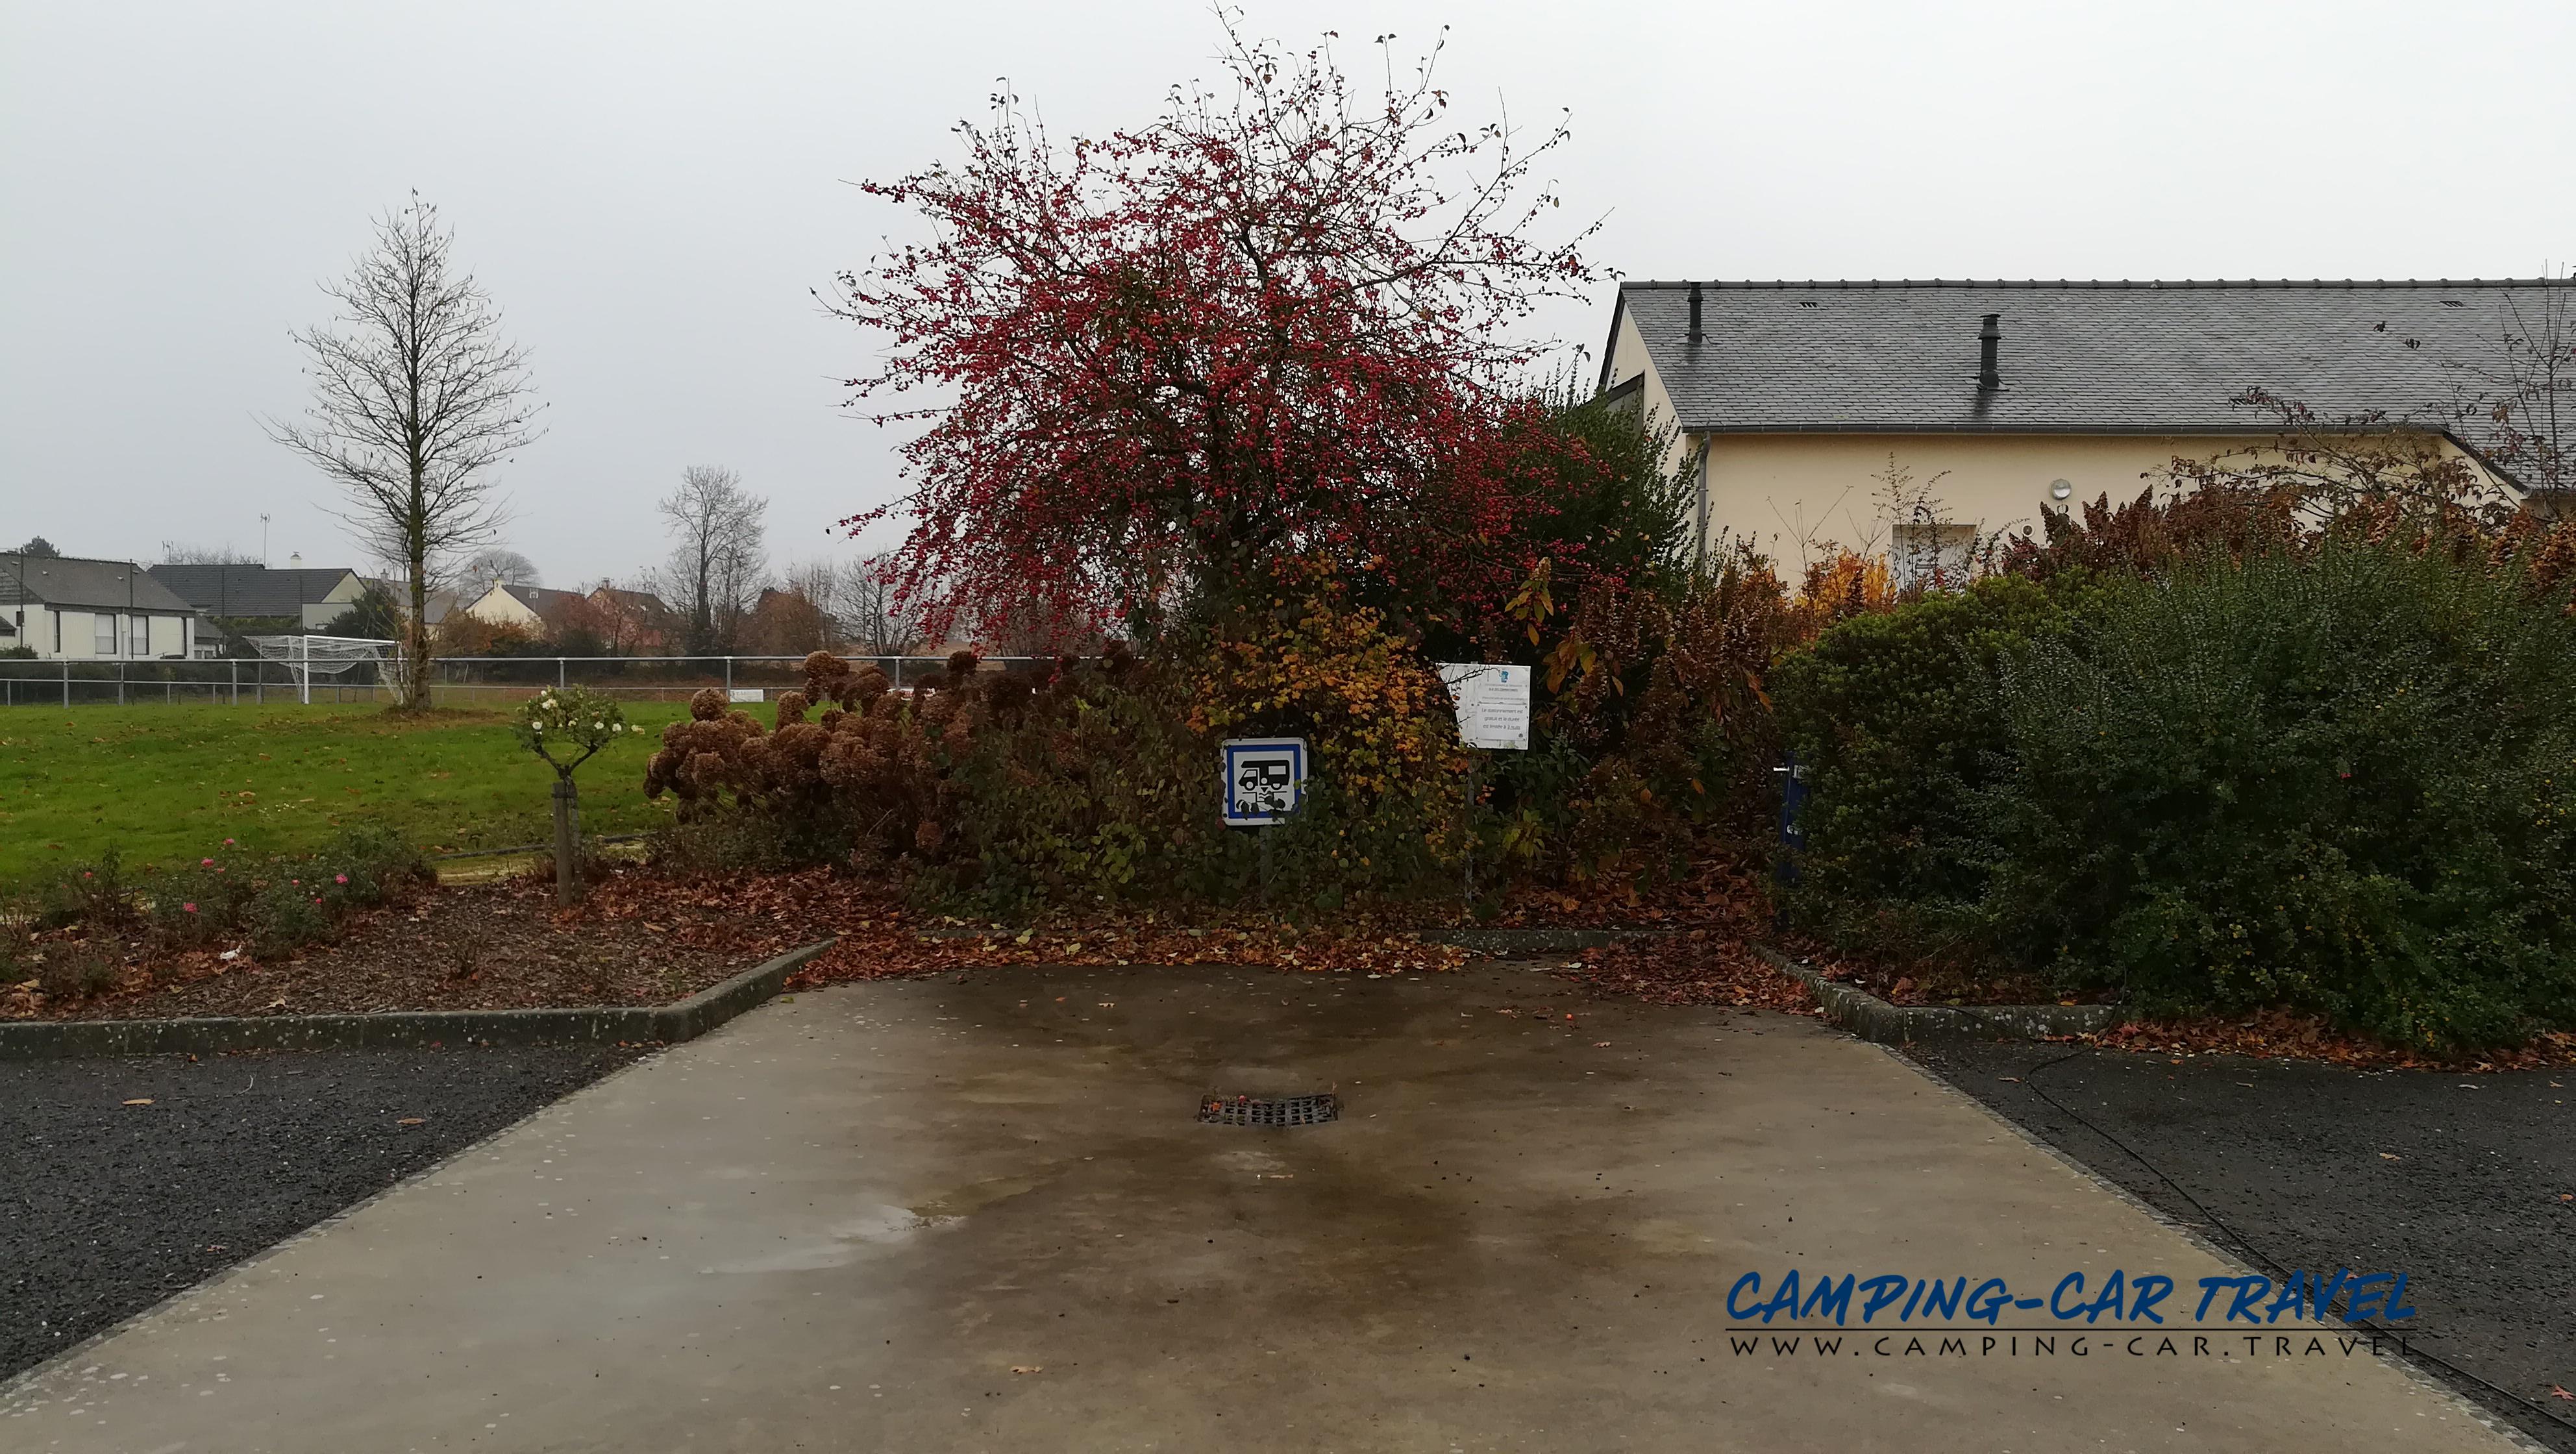 aire services camping car Landivy Mayenne Pays-de-la-Loire